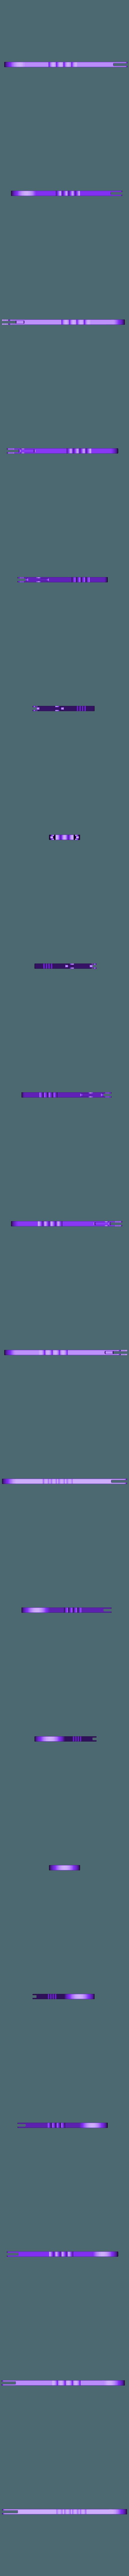 Tweezers_remix_fusemedia.stl Télécharger fichier STL gratuit Grosses pinces, pinces à épiler - remix • Modèle à imprimer en 3D, fusefactory